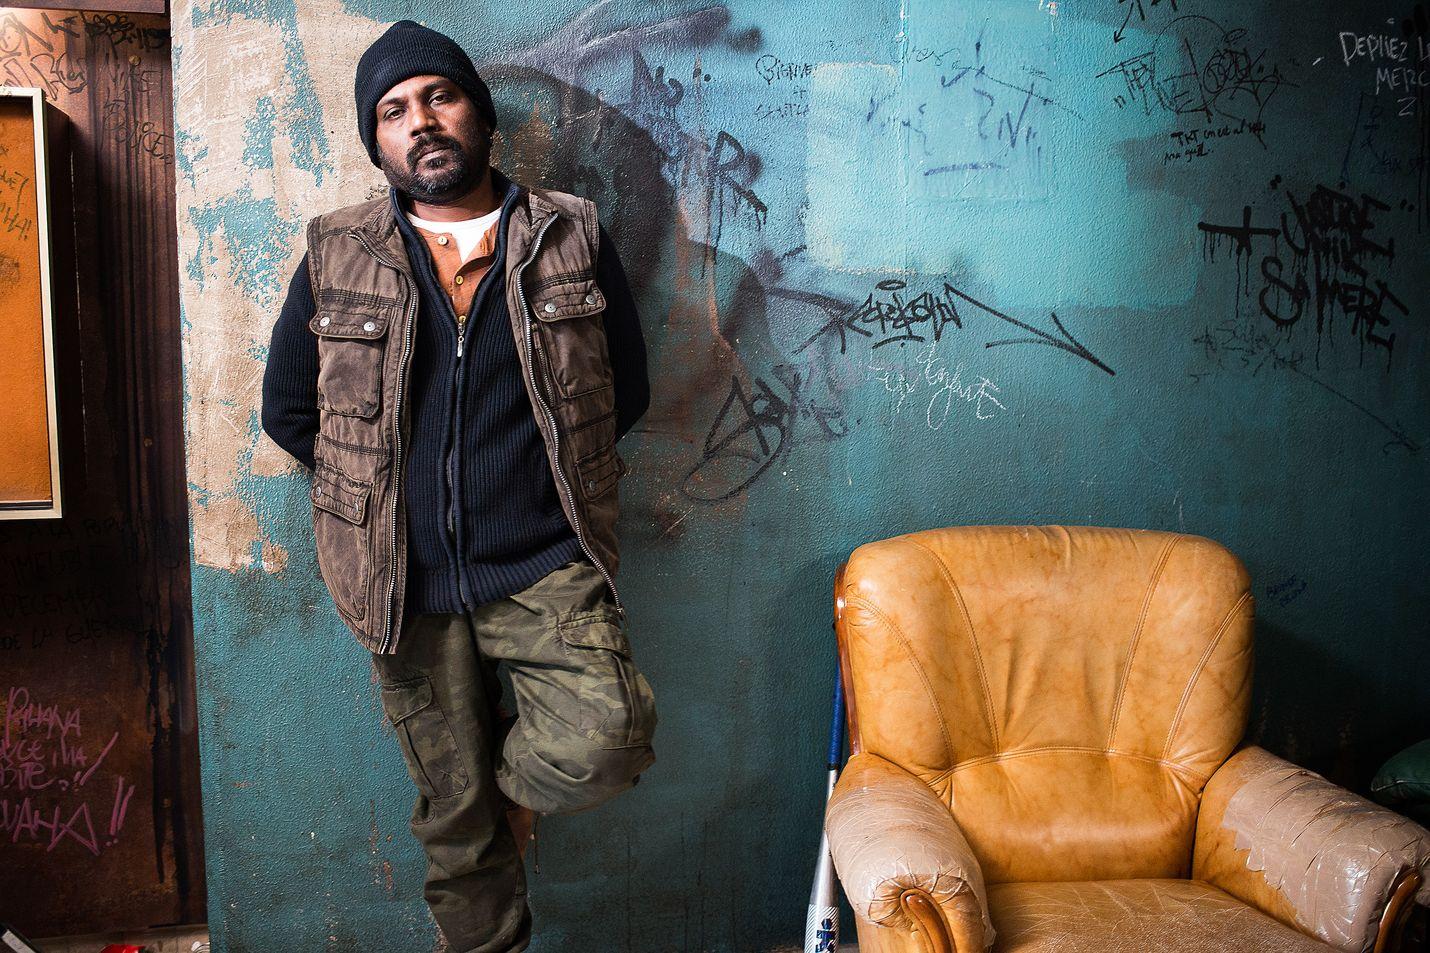 Jacques Audiardin Cannesin Kultaisen palmun 2015 voittanut draama kertoo tamiilipakolaisista, jotka esittävät perhettä selvitäkseen Ranskassa. Slummialueella Dheepan joutuu tahtomattaan mukaan jengisotaan. Kuvassa Dheepan (Jesuthasan Antonythasan).